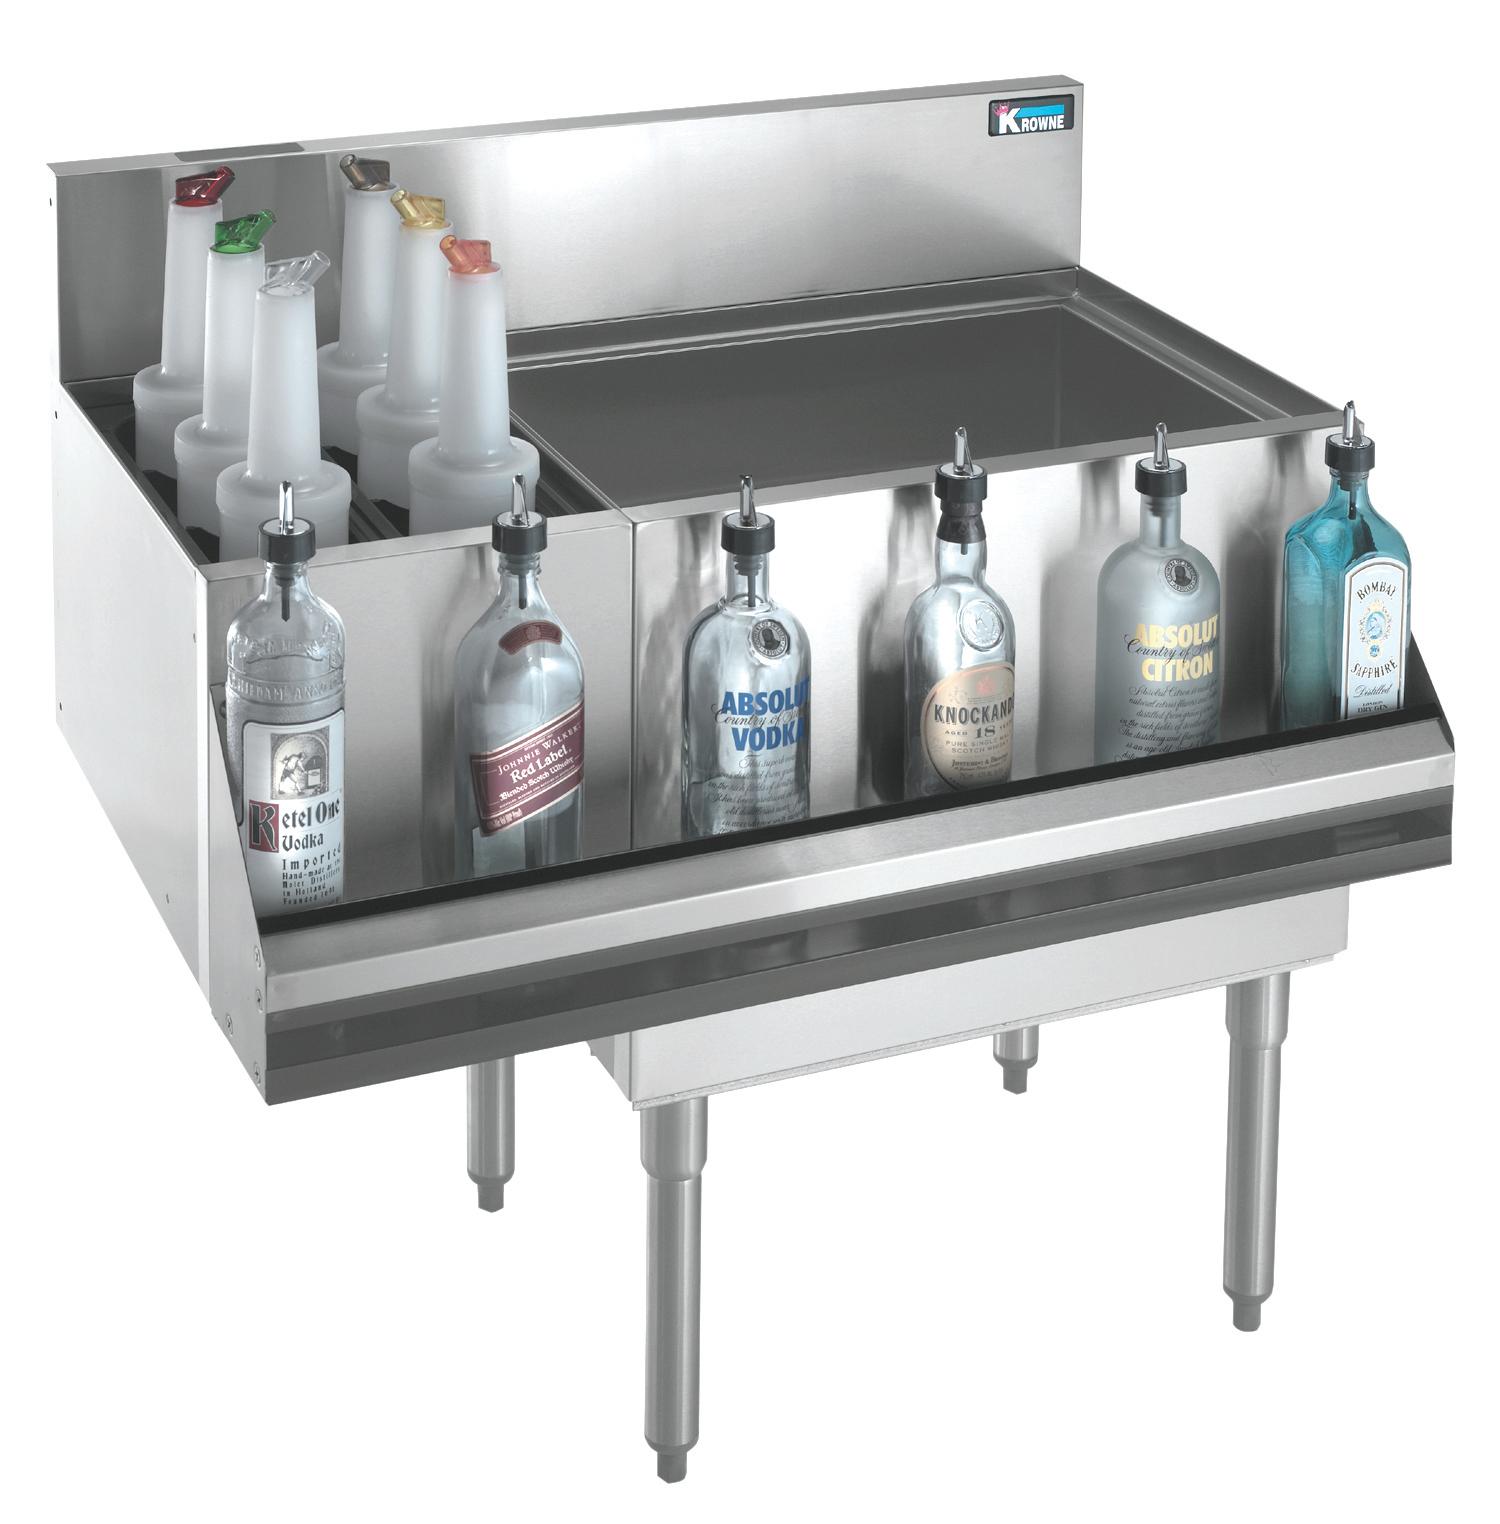 Krowne Metal KR18-M36R underbar ice bin/cocktail station, bottle well bin